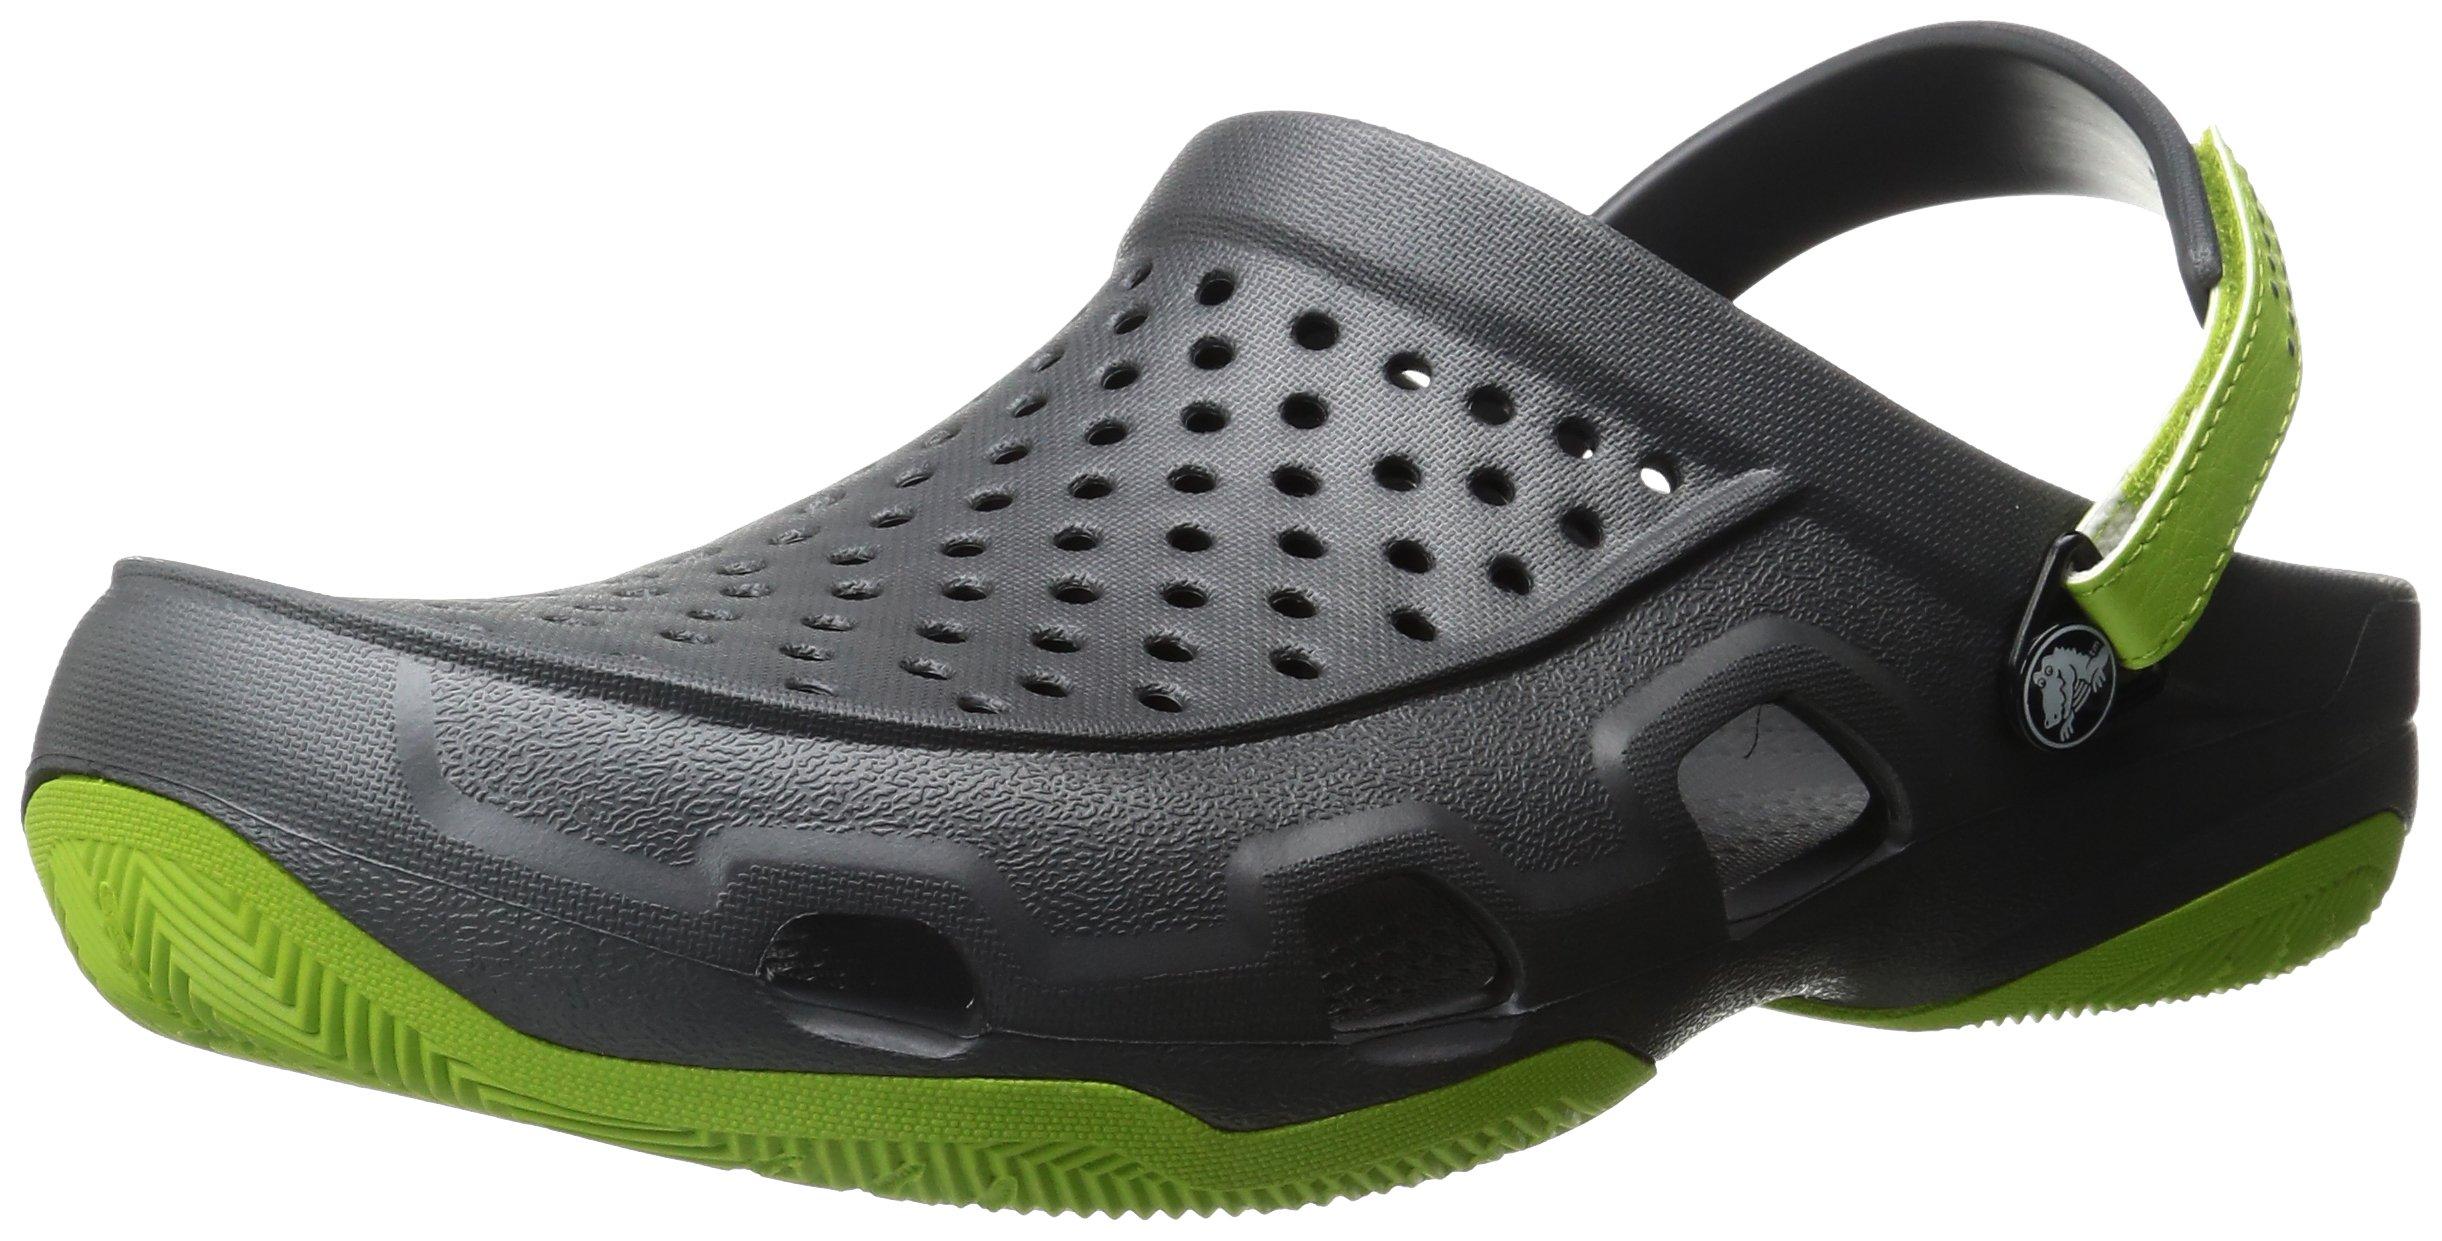 Crocs Men's Swiftwater Deck Clog M Mule, Graphite/Volt Green, 10 M US